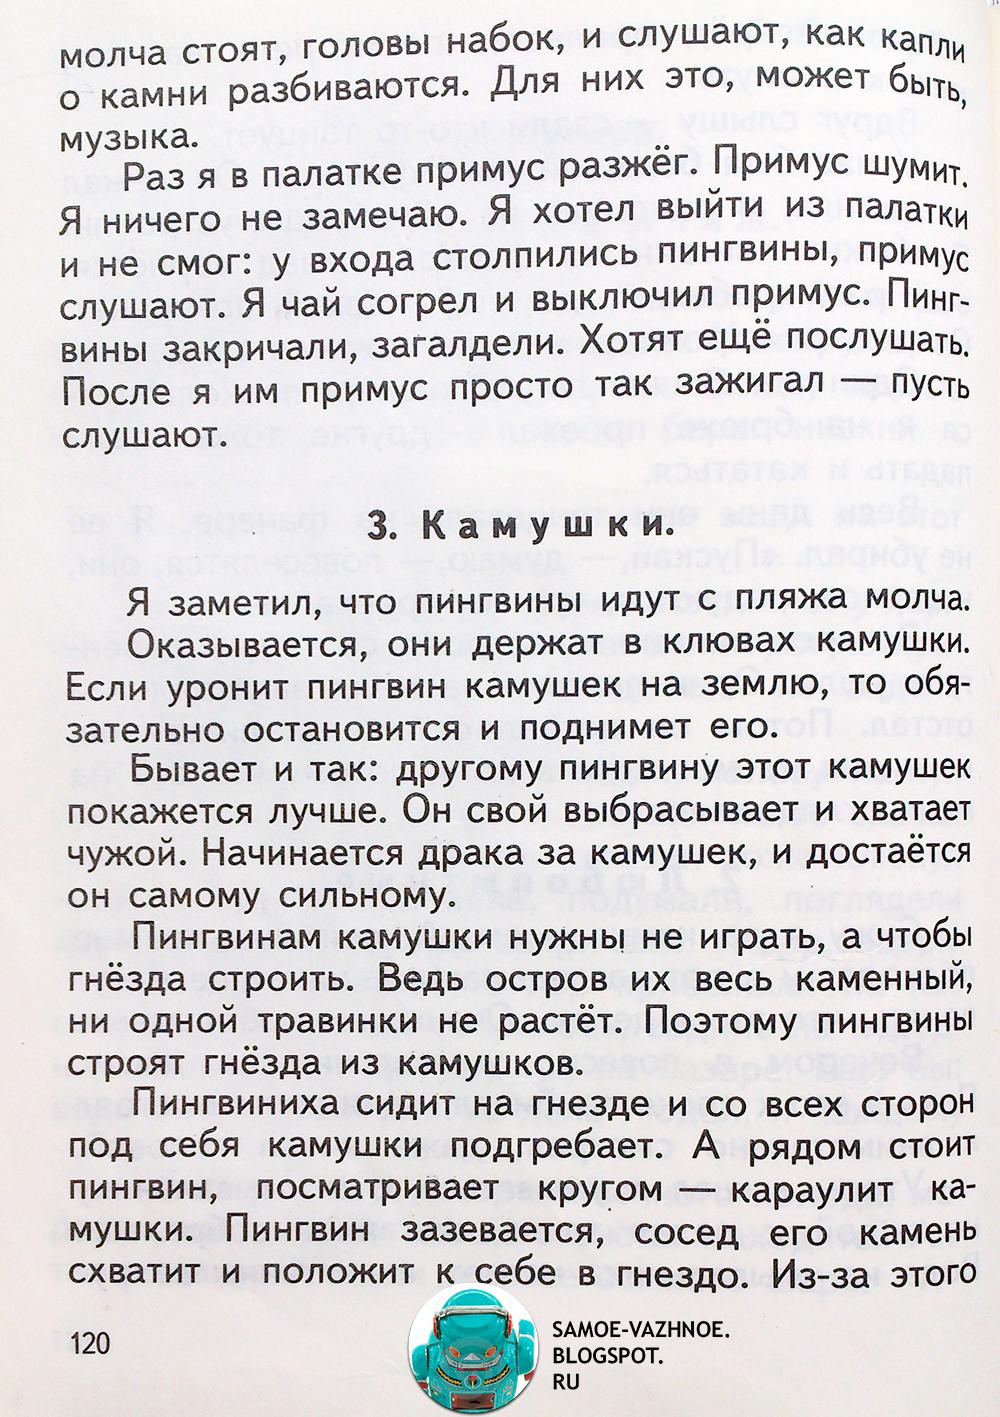 Снегирёв Про пингвинов Камушки читать онлайн